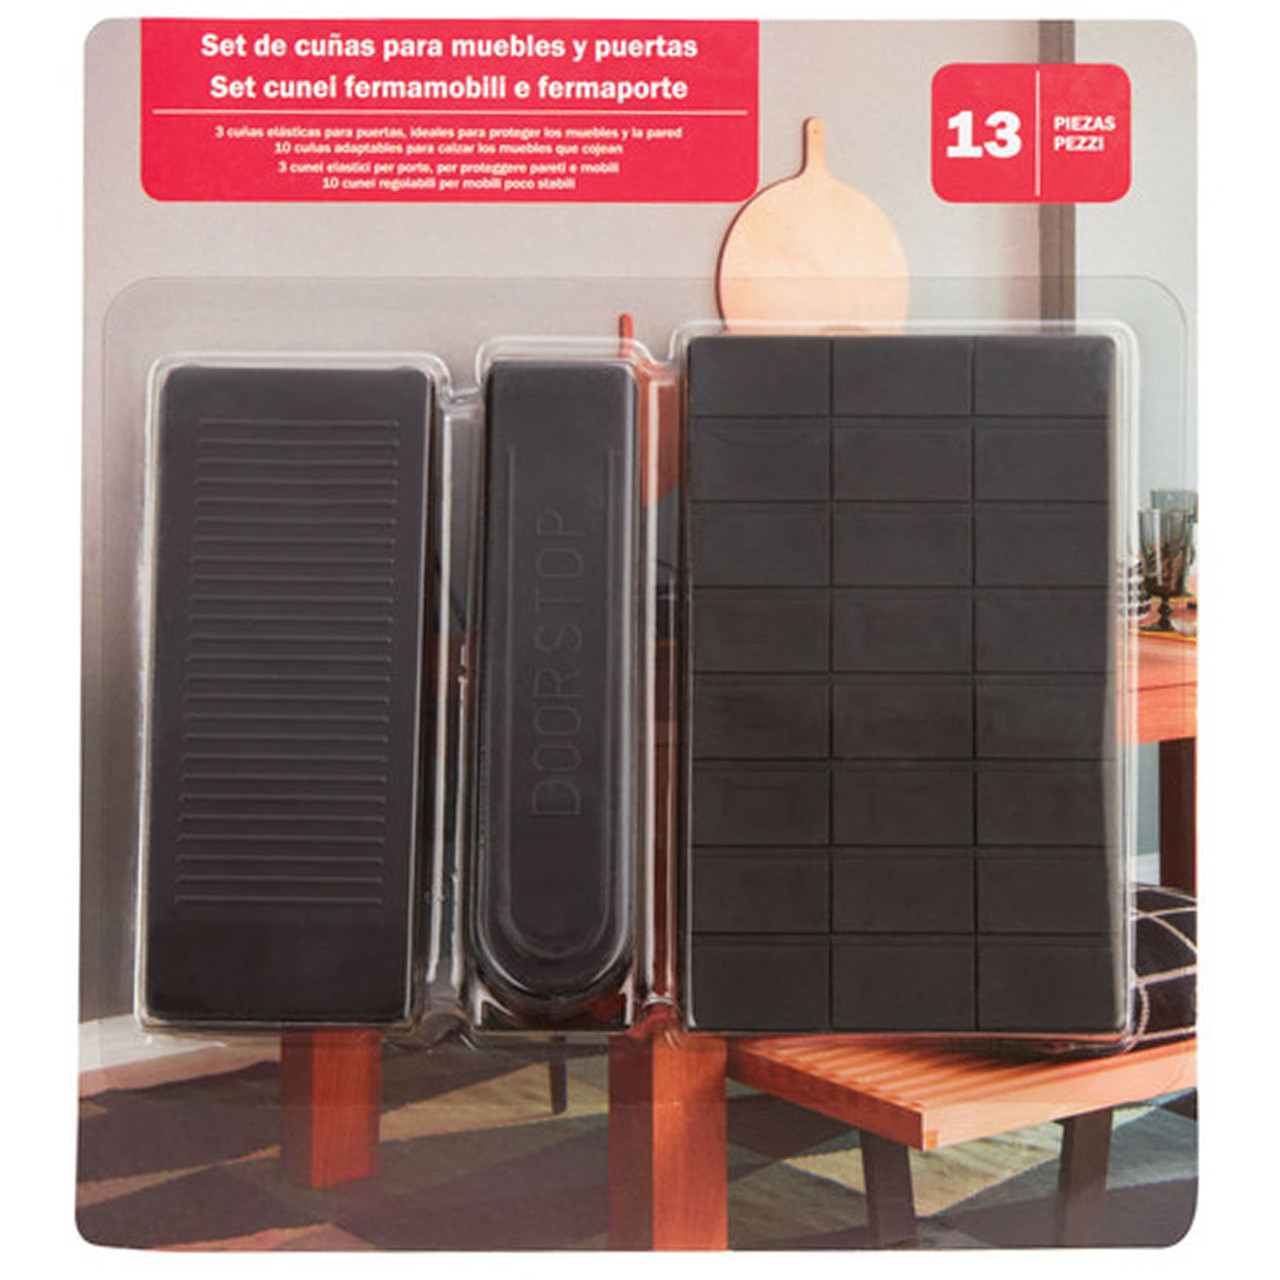 Набор стопперов для двери и мебели, 13 шт